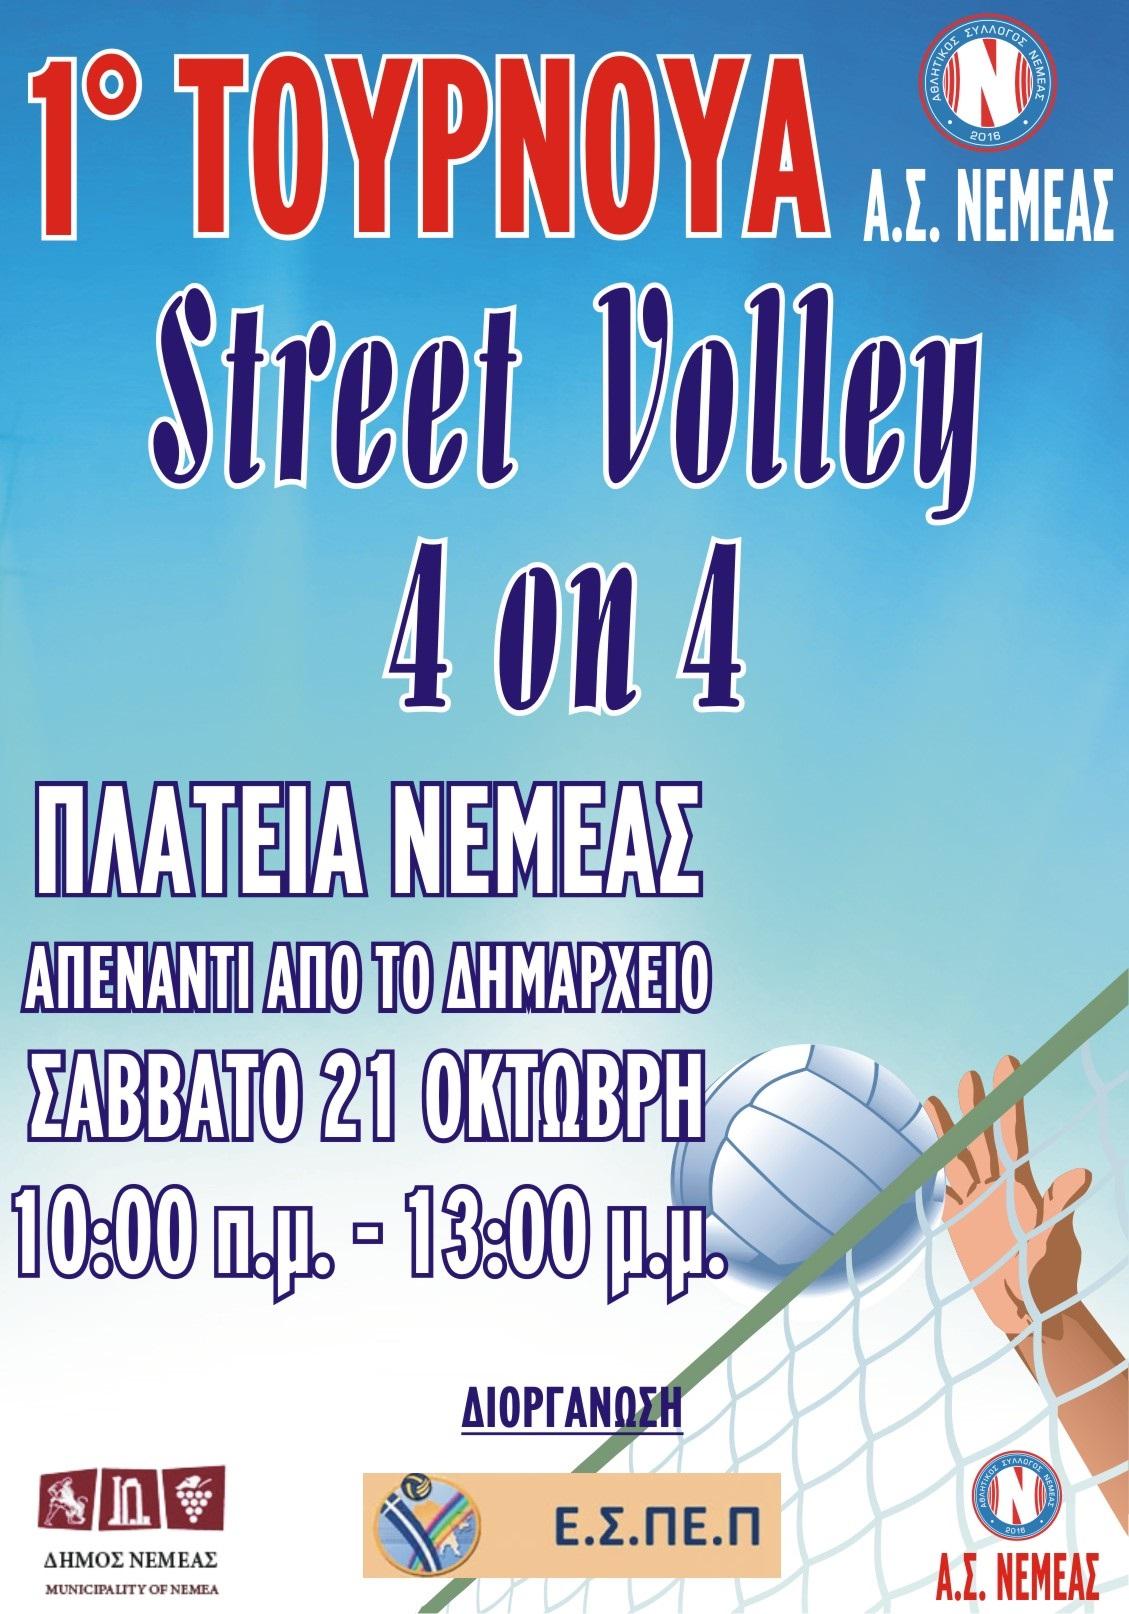 ΑΦΙΣΑ STREET VOLLEY (1)